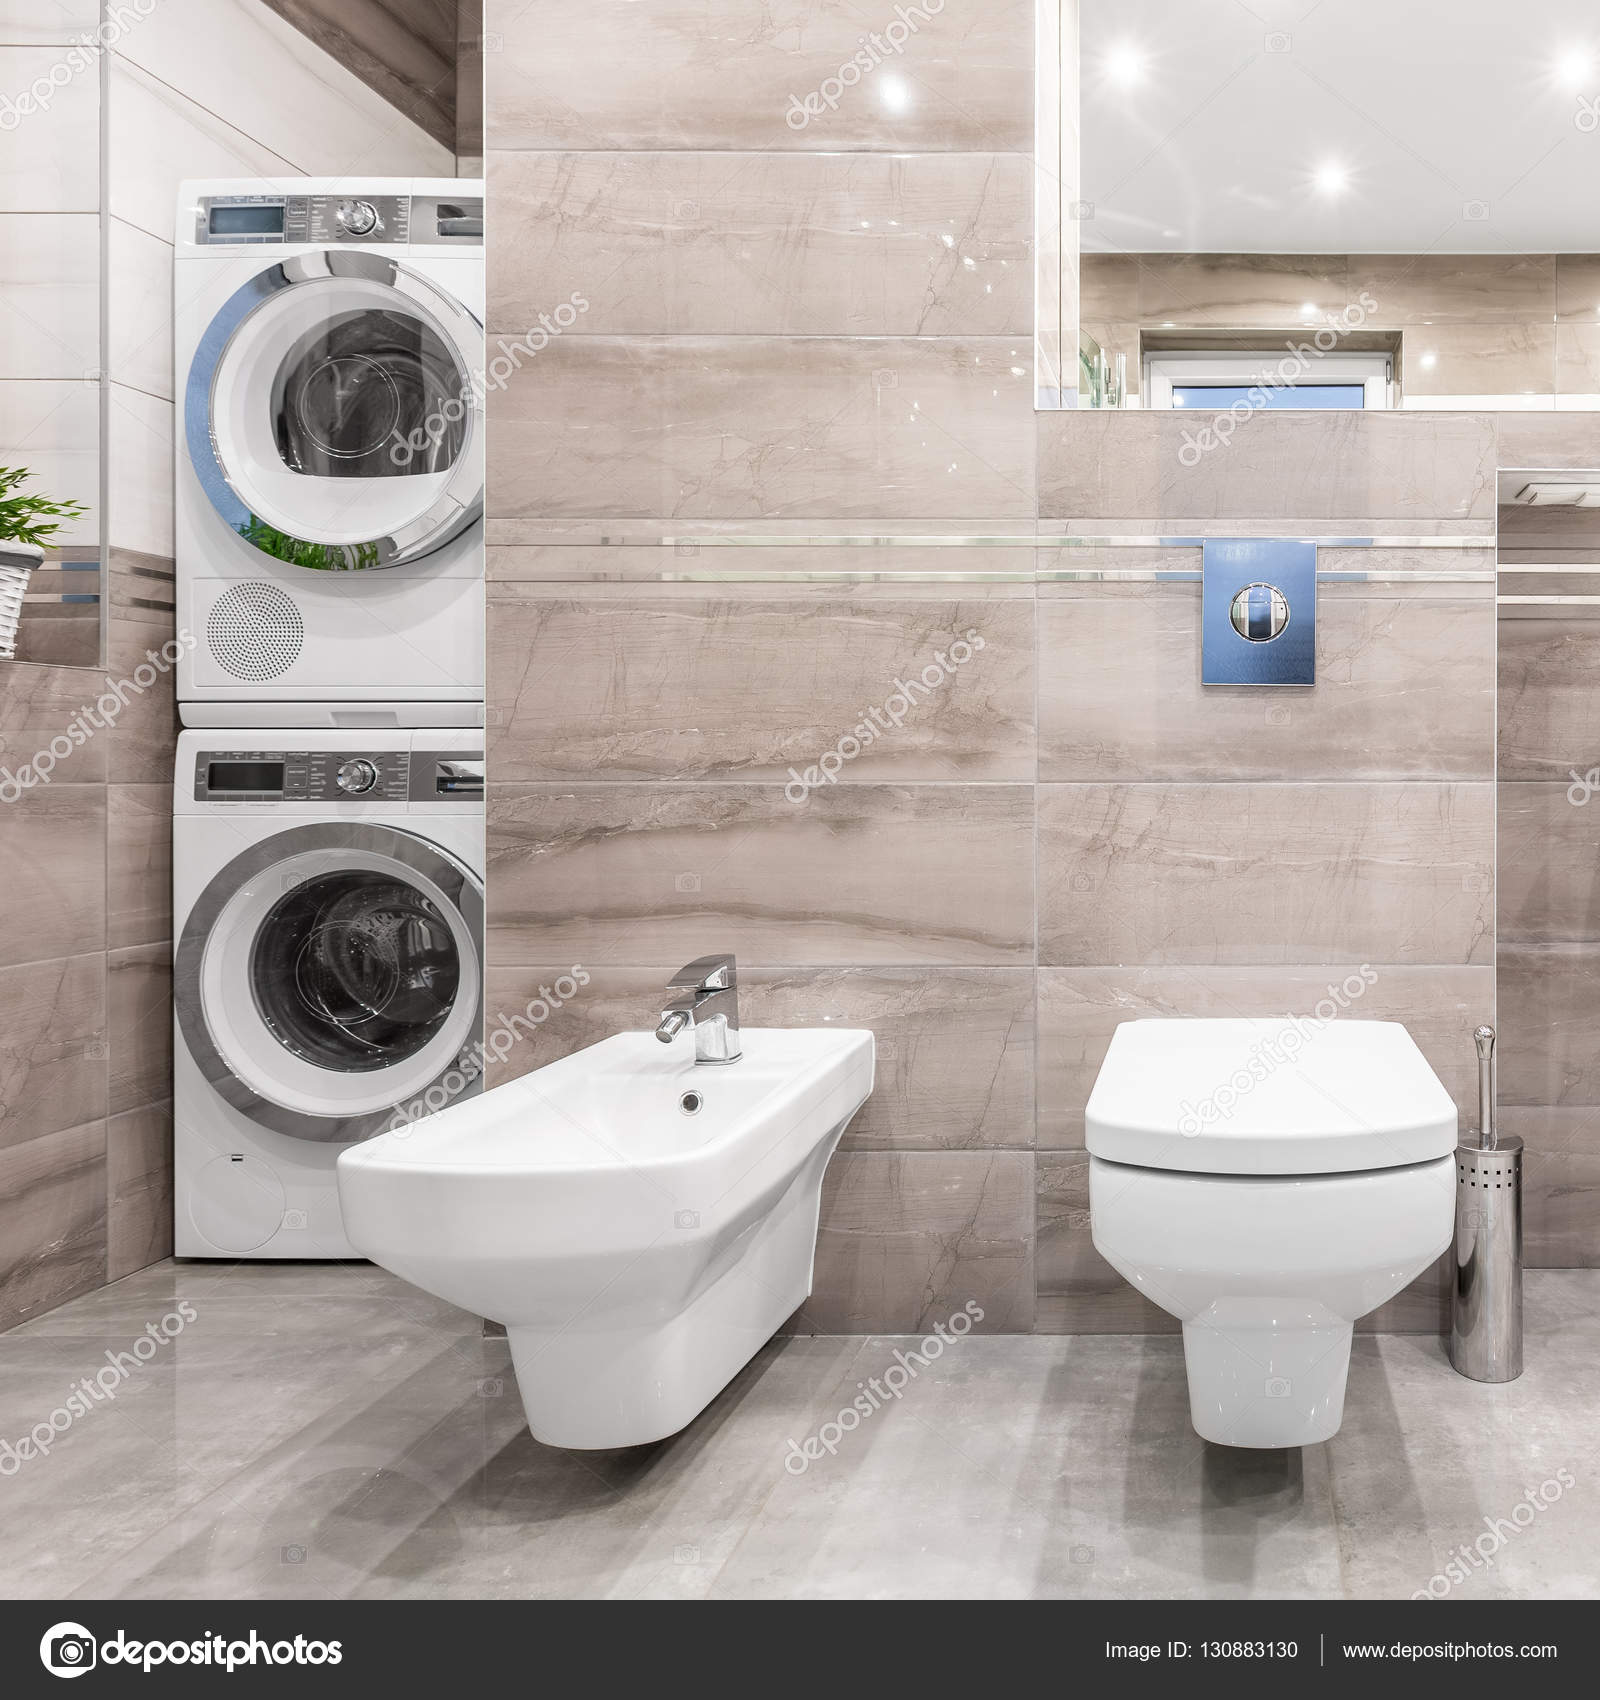 Bagno con angolo lavanderia foto stock in4mal 130883130 - Bagno di servizio con lavanderia ...